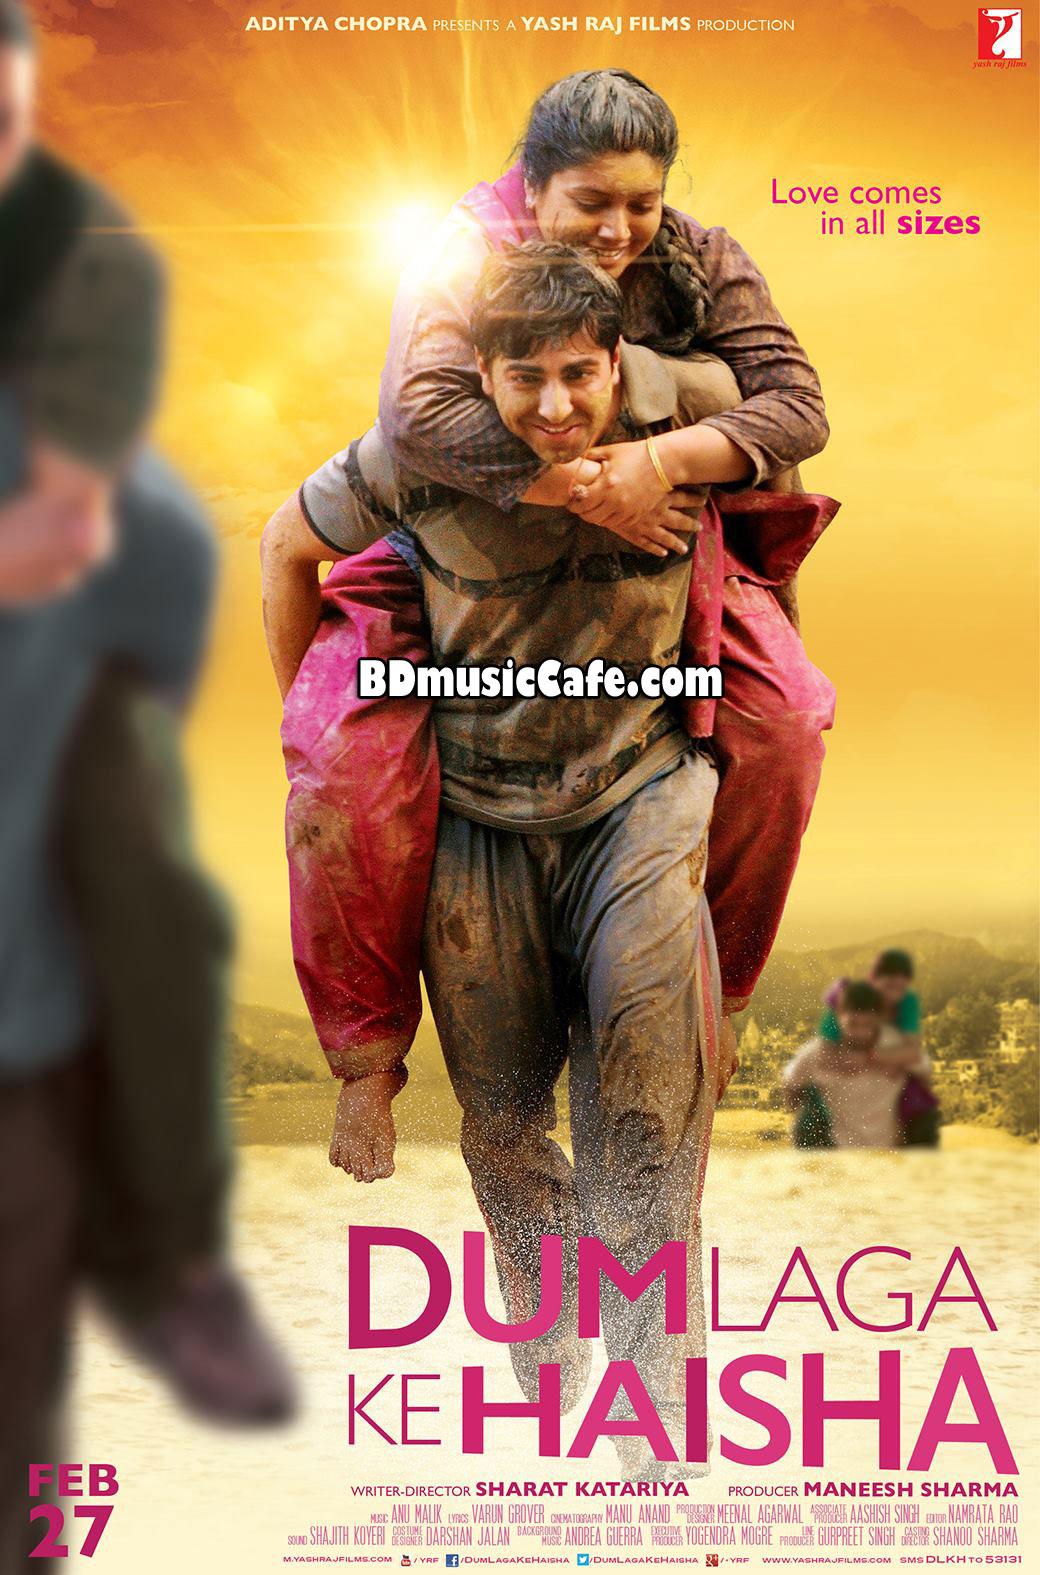 Dum Laga Ke Haisha (2015) Movie Trailer Ayushmann, Bhumi | BD Music ...